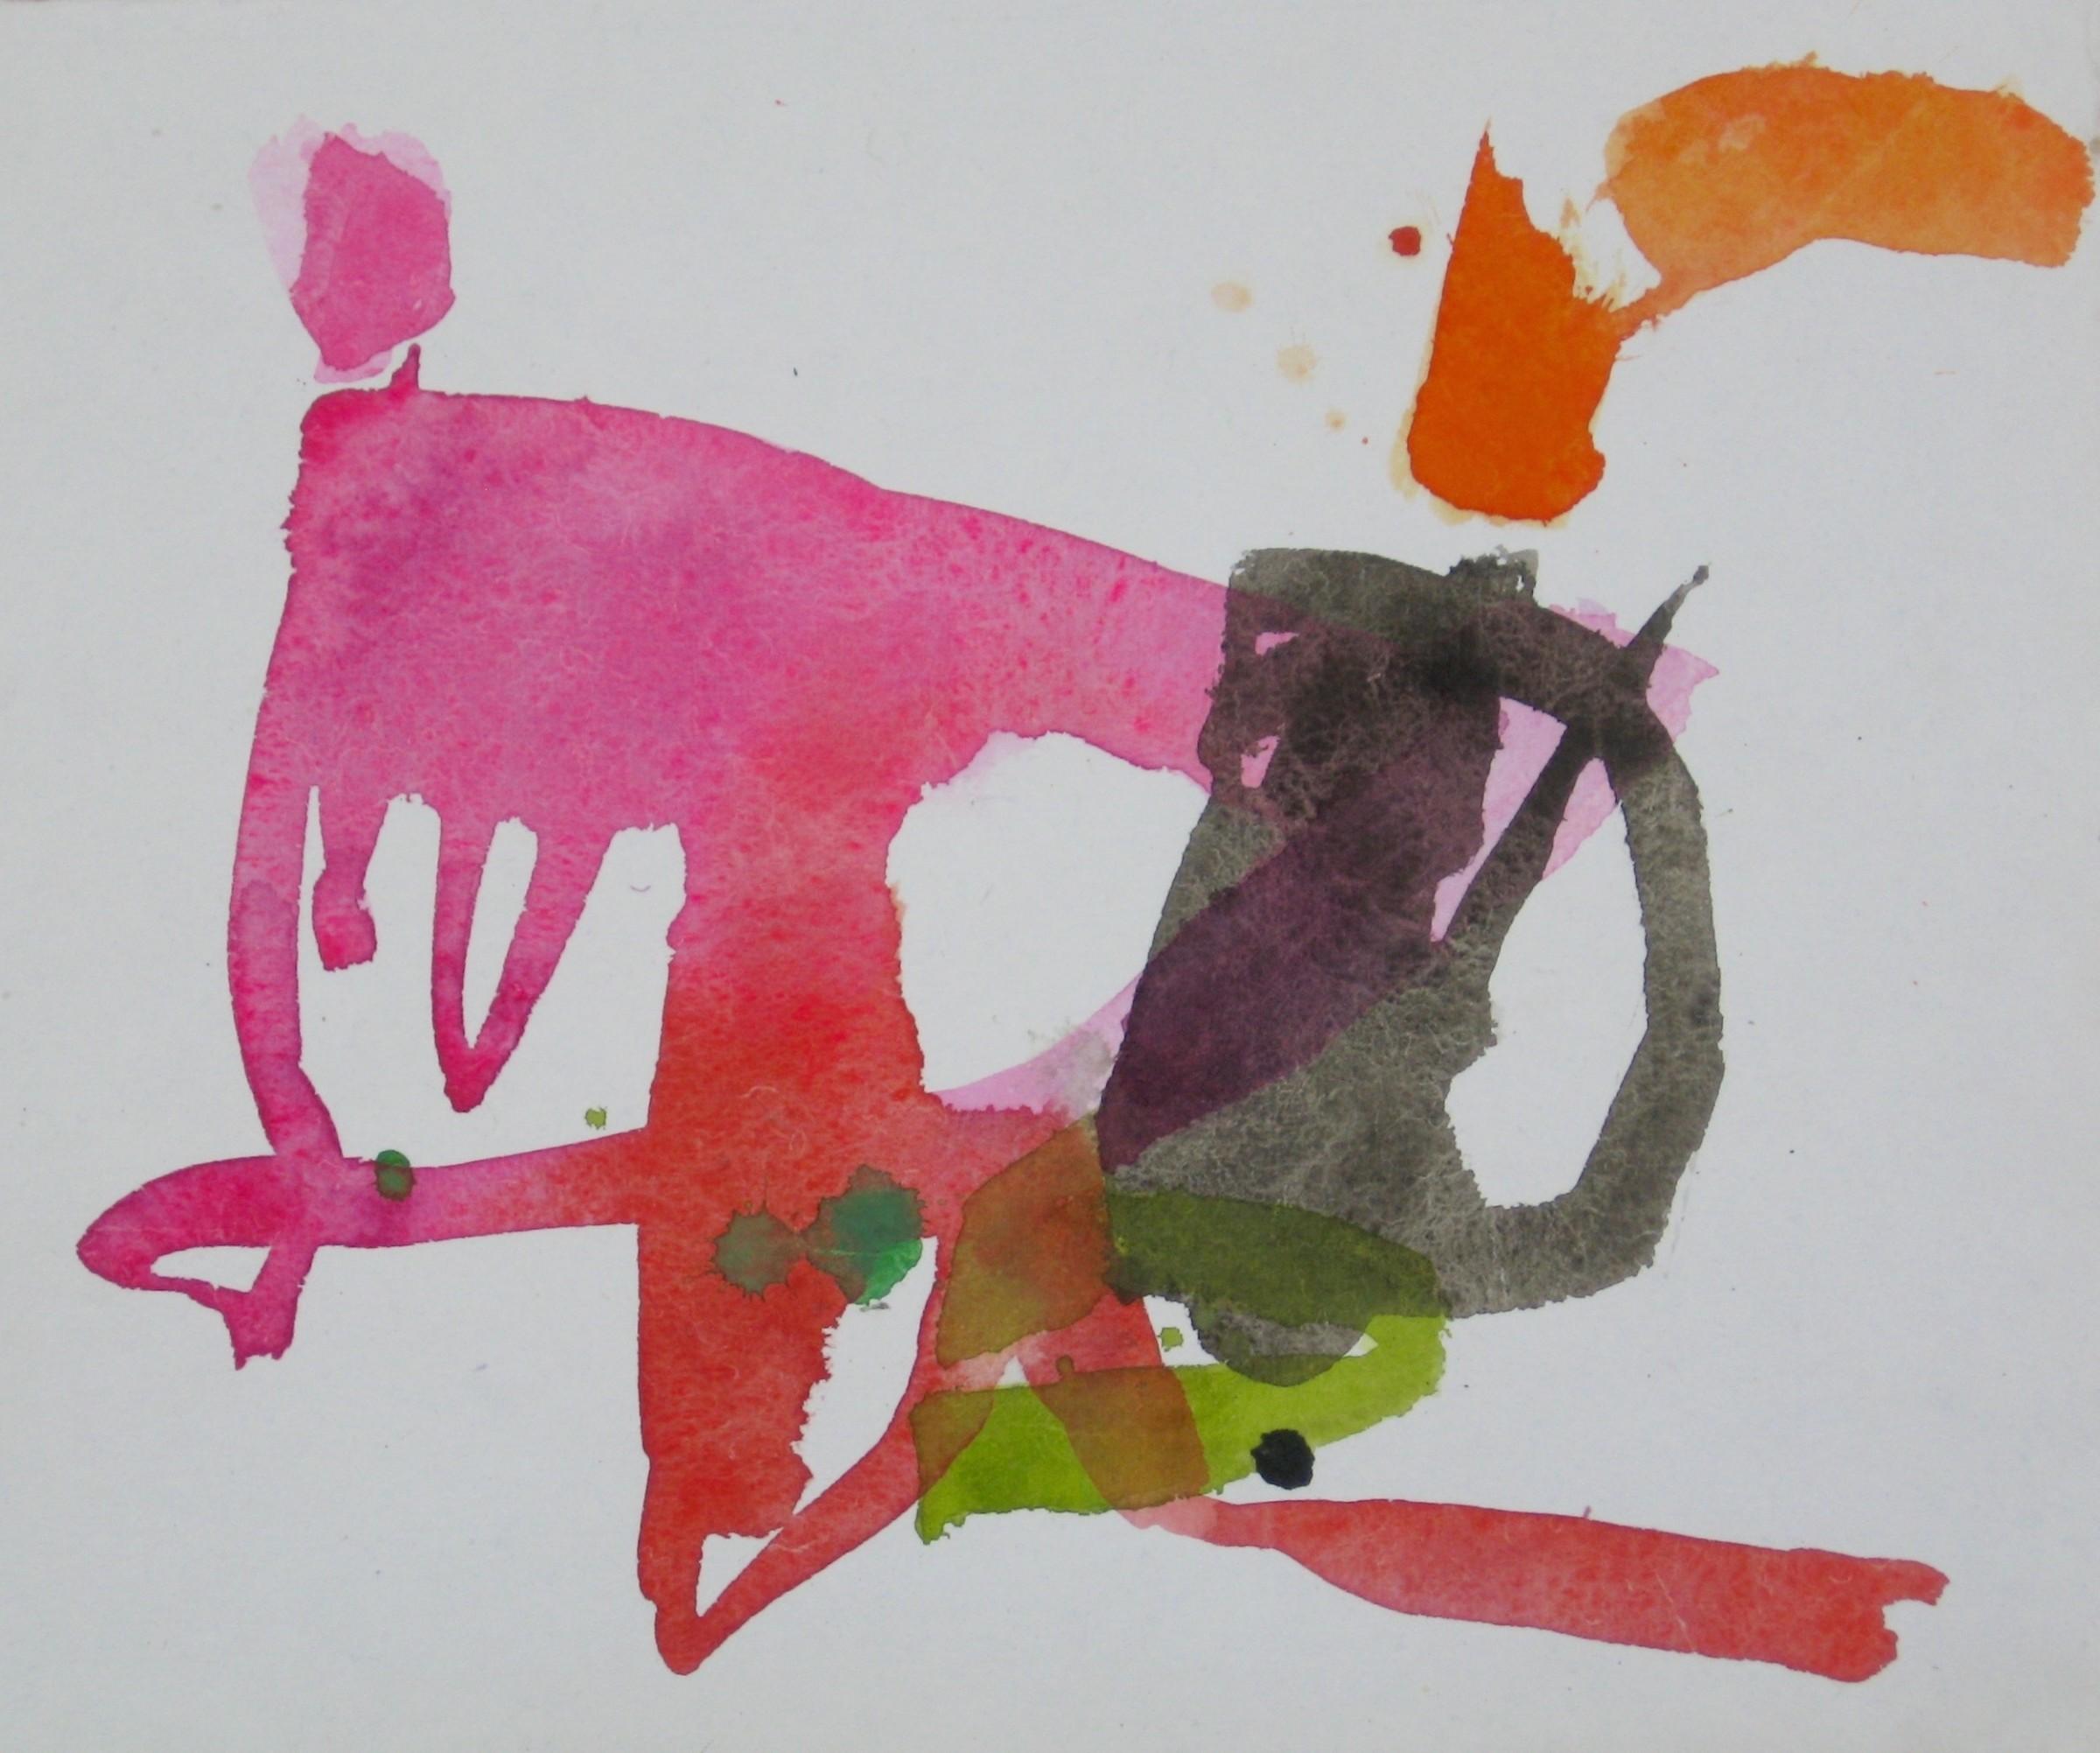 <span class=&#34;link fancybox-details-link&#34;><a href=&#34;/exhibitions/24/works/artworks_standalone10735/&#34;>View Detail Page</a></span><div class=&#34;artist&#34;><span class=&#34;artist&#34;><strong>Jane Lewis</strong></span></div><div class=&#34;title&#34;><em>Plough</em></div><div class=&#34;medium&#34;>watercolour on khadi</div><div class=&#34;dimensions&#34;>43x53cm</div>